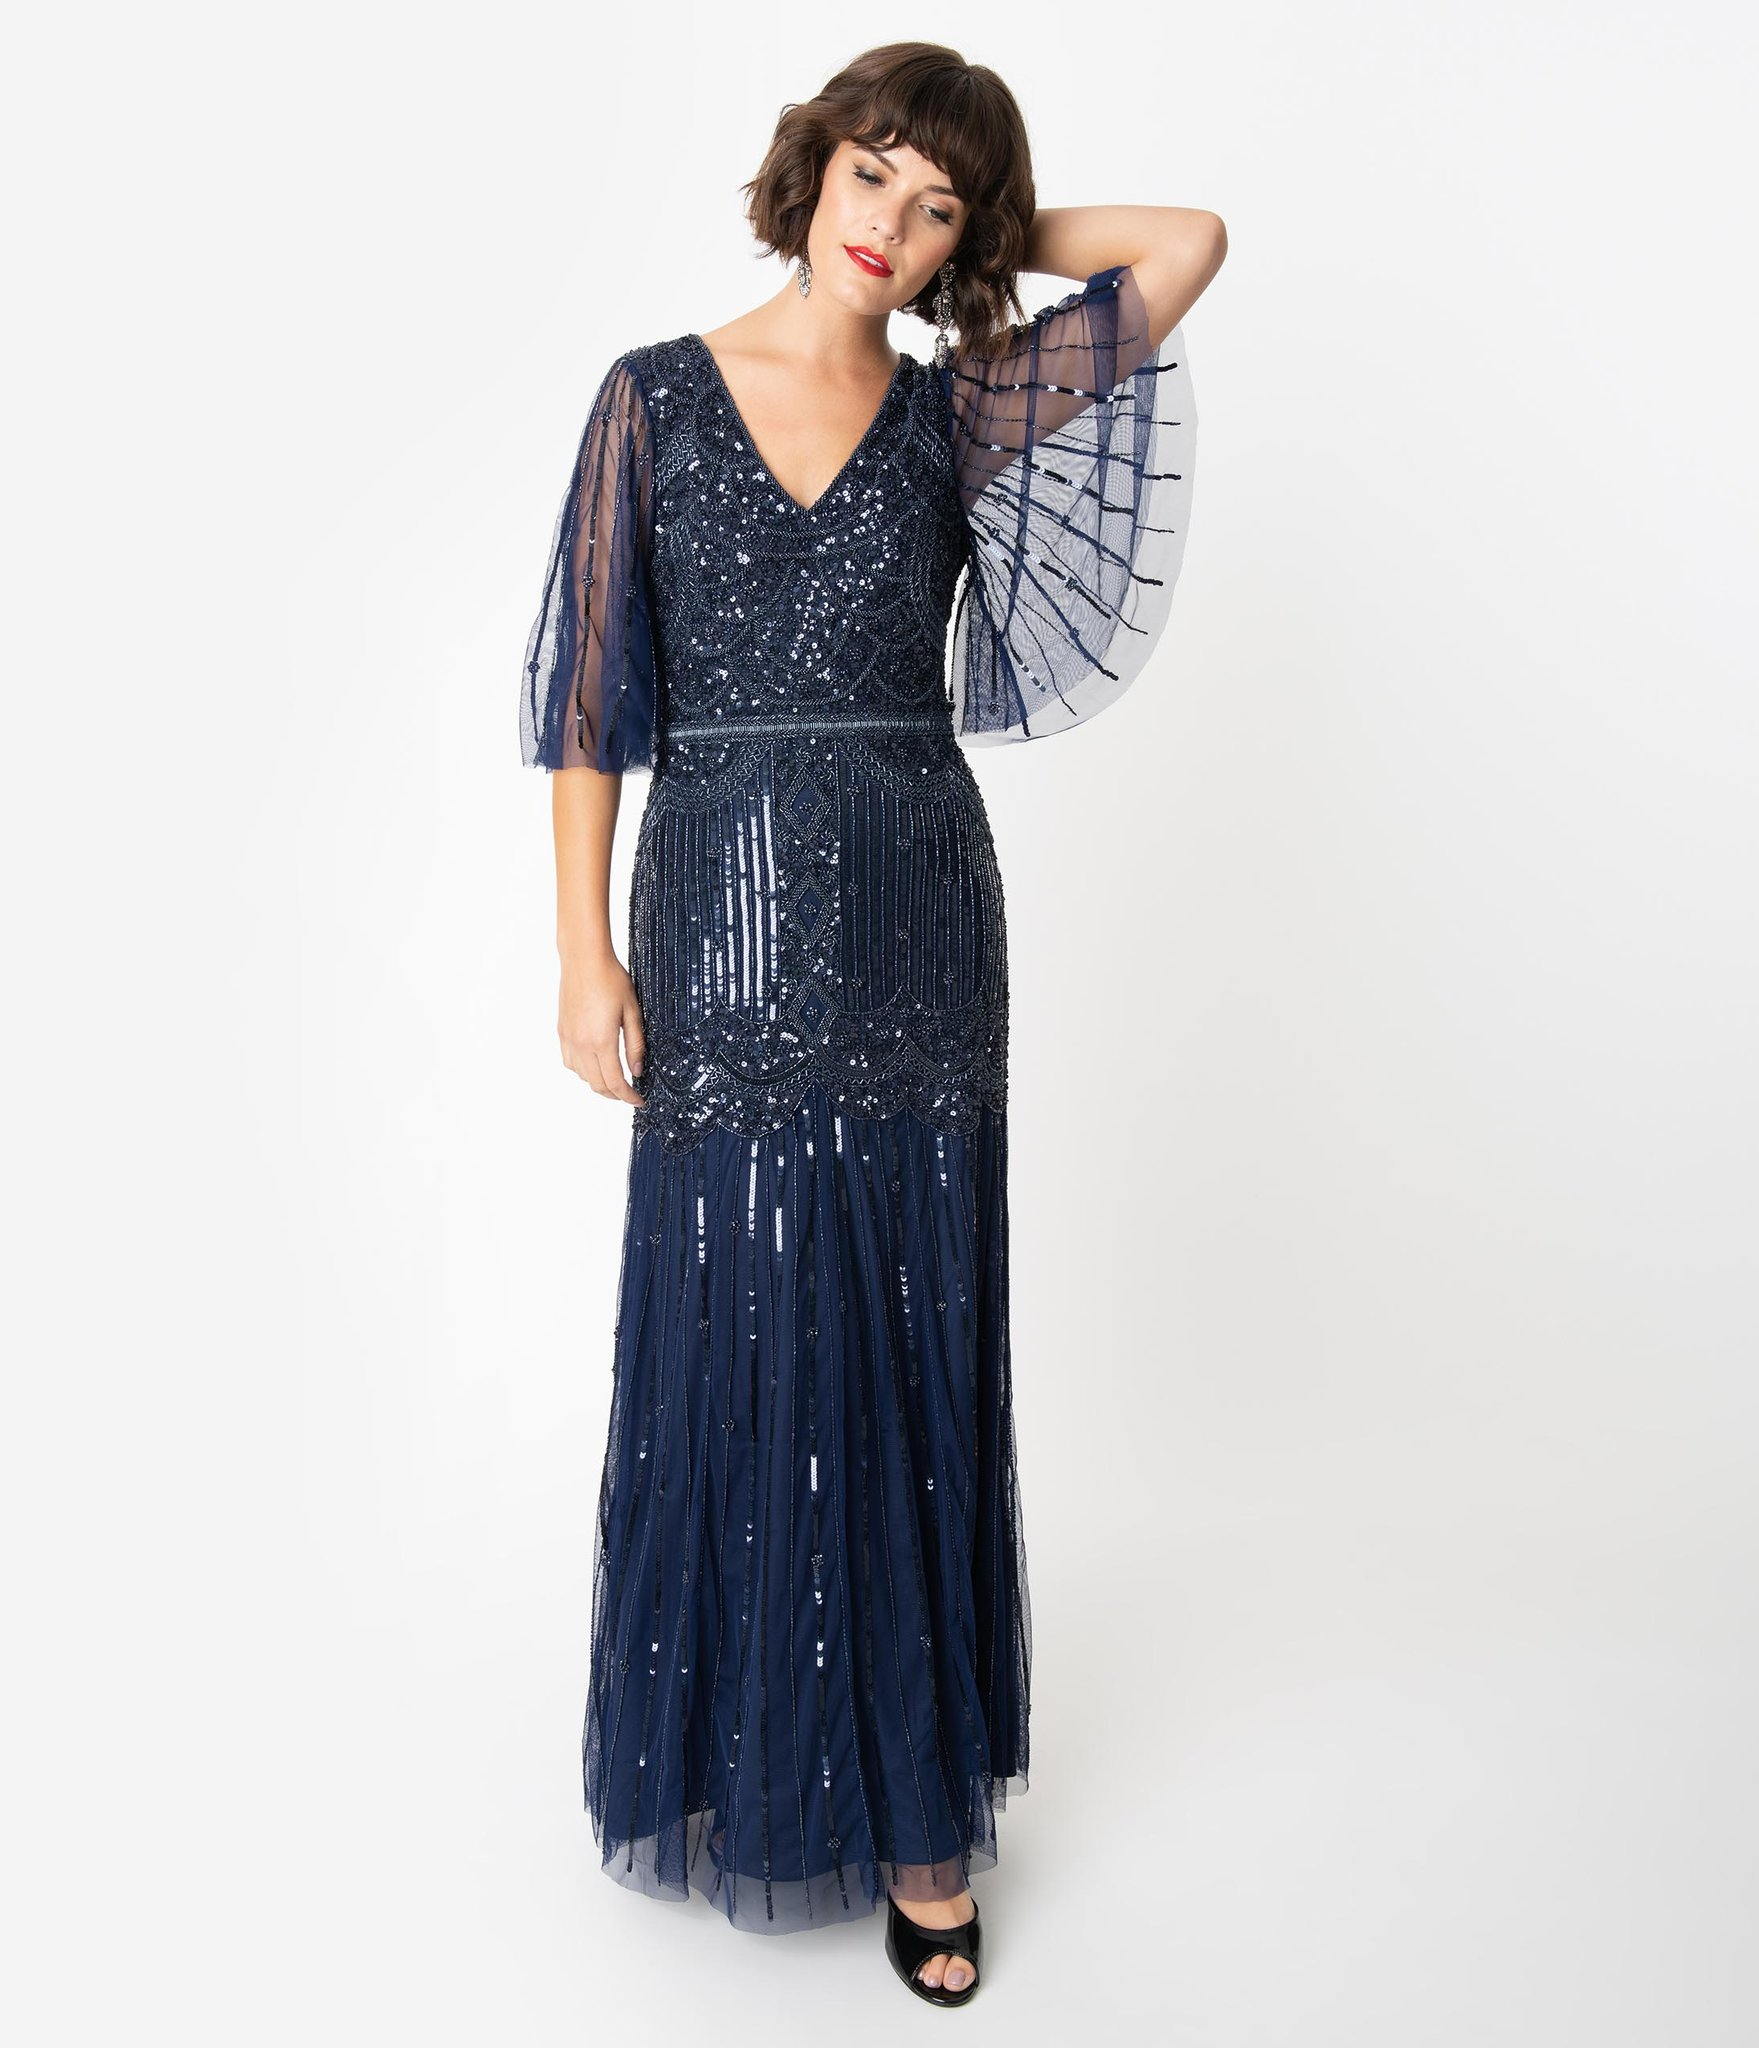 Unique Vintage Bettina long flapper dress, $268